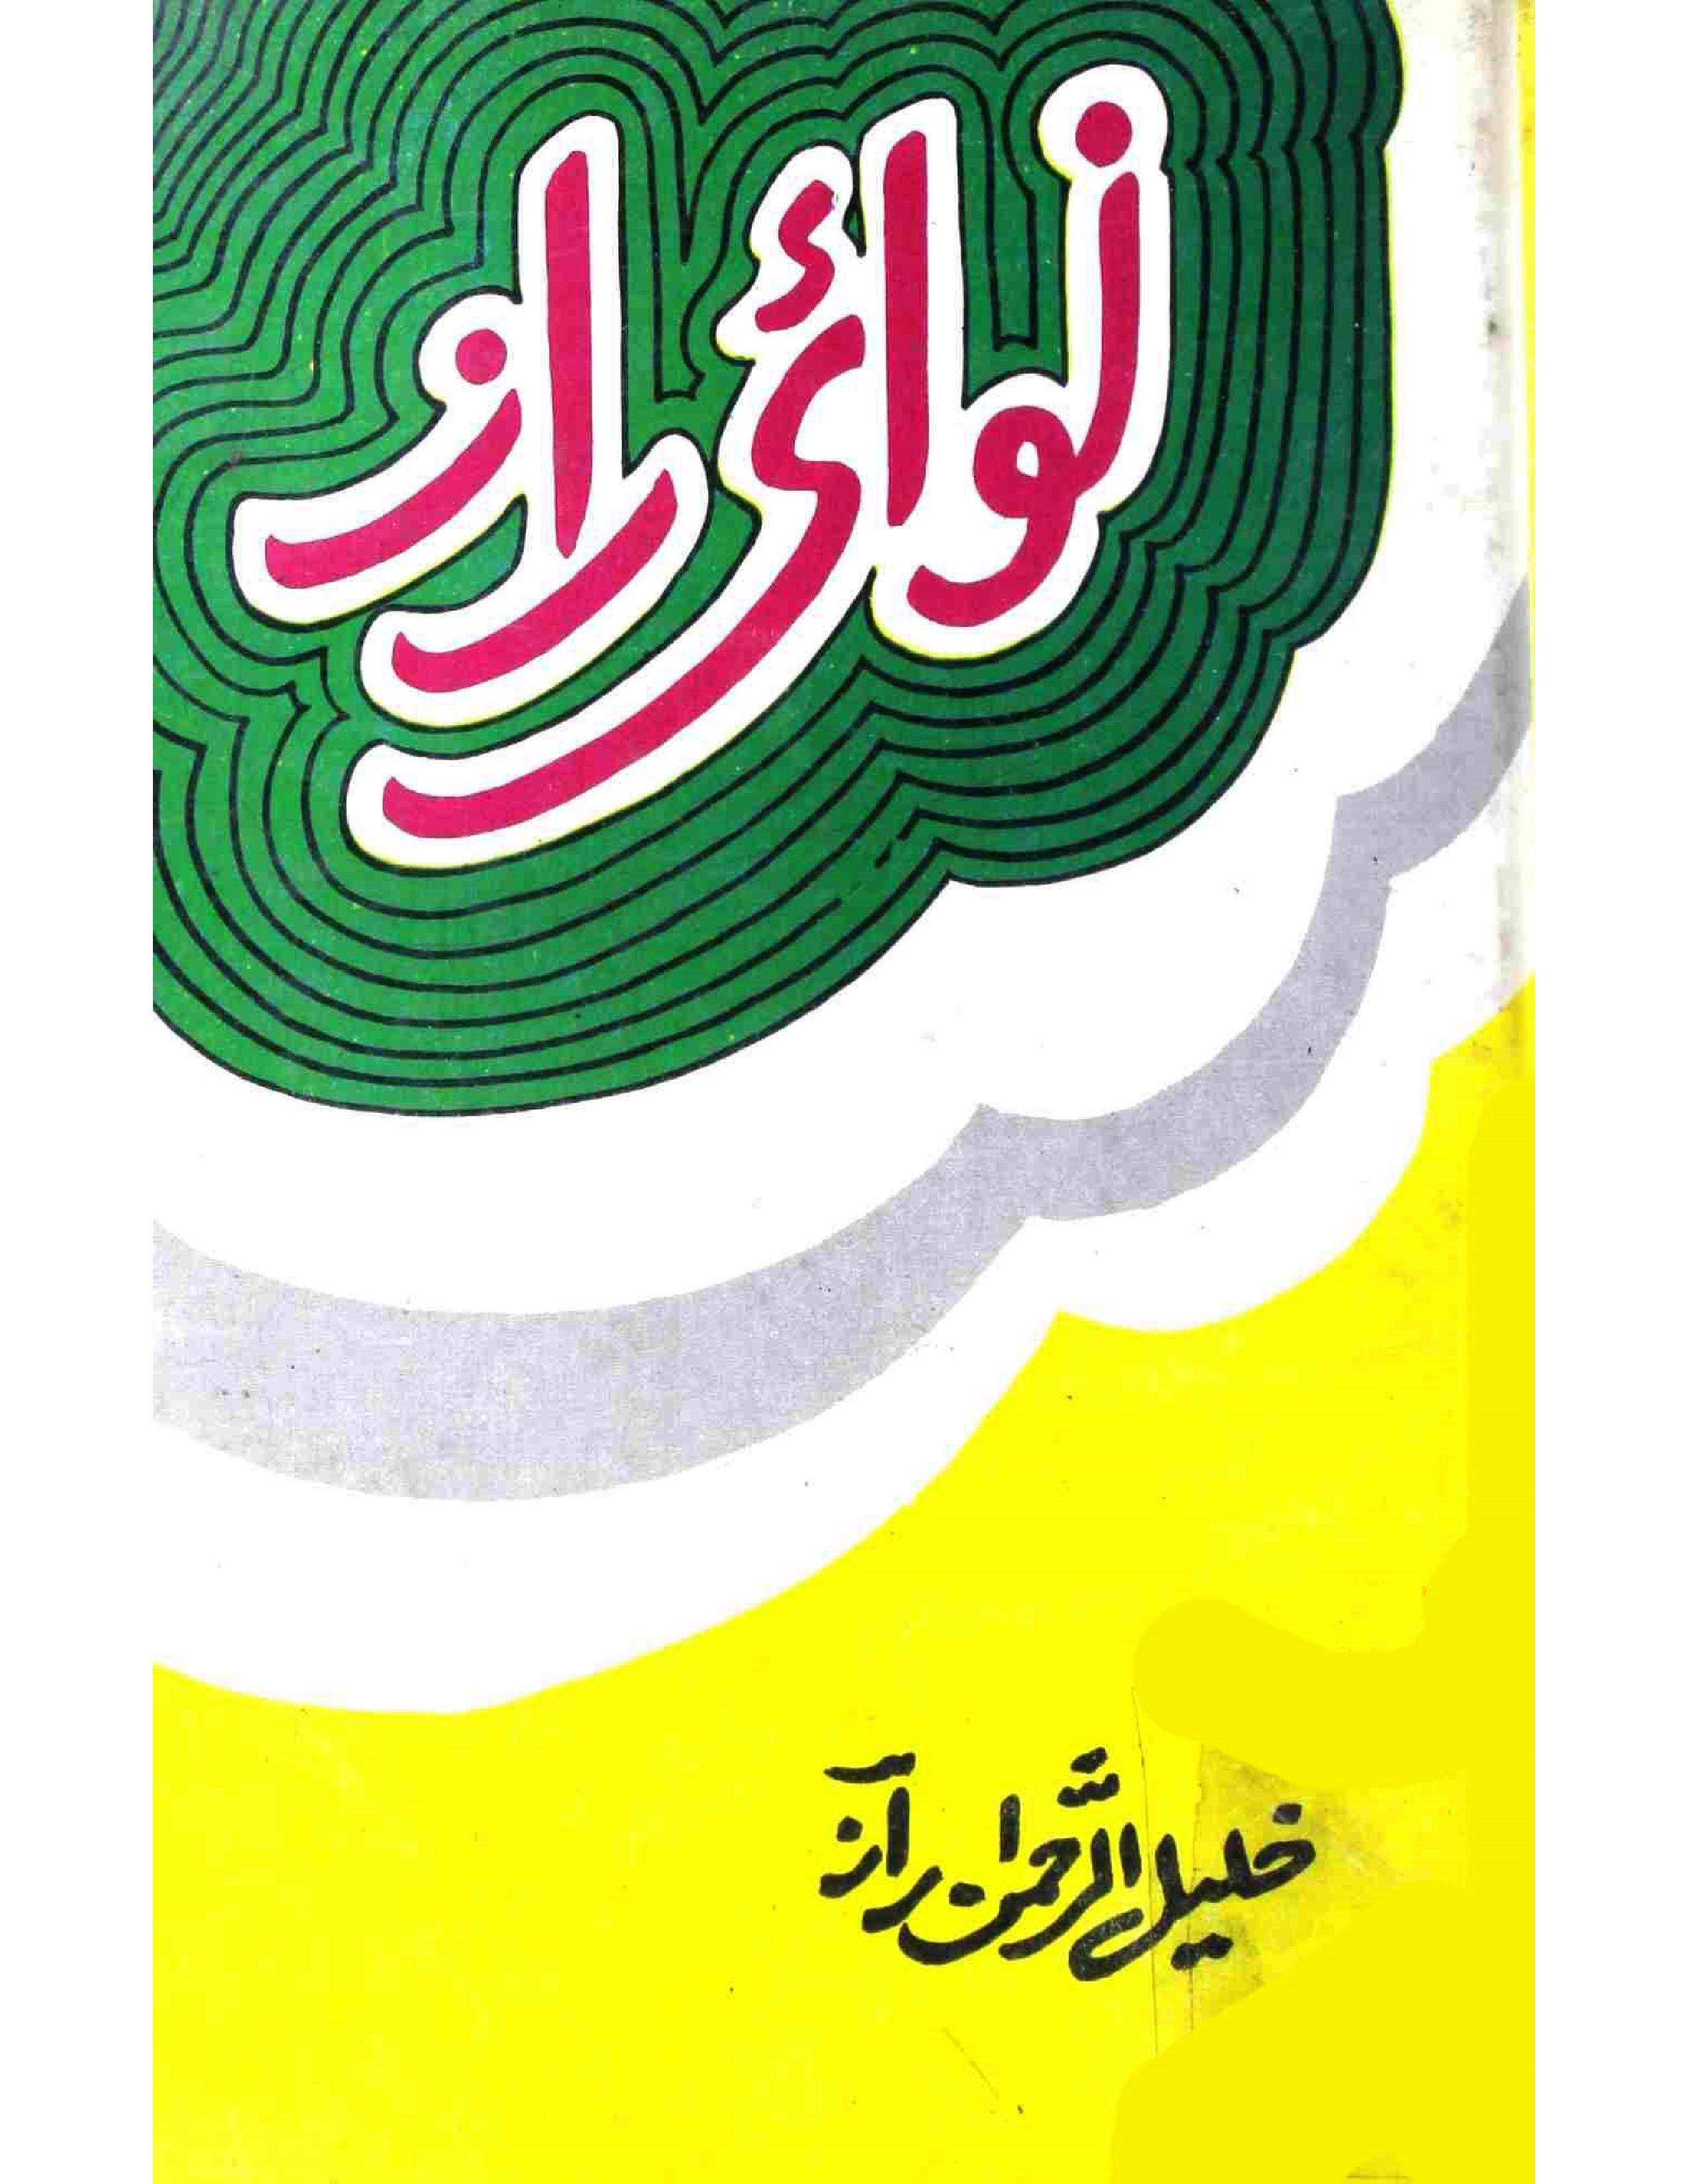 Nawa-e-Raaz